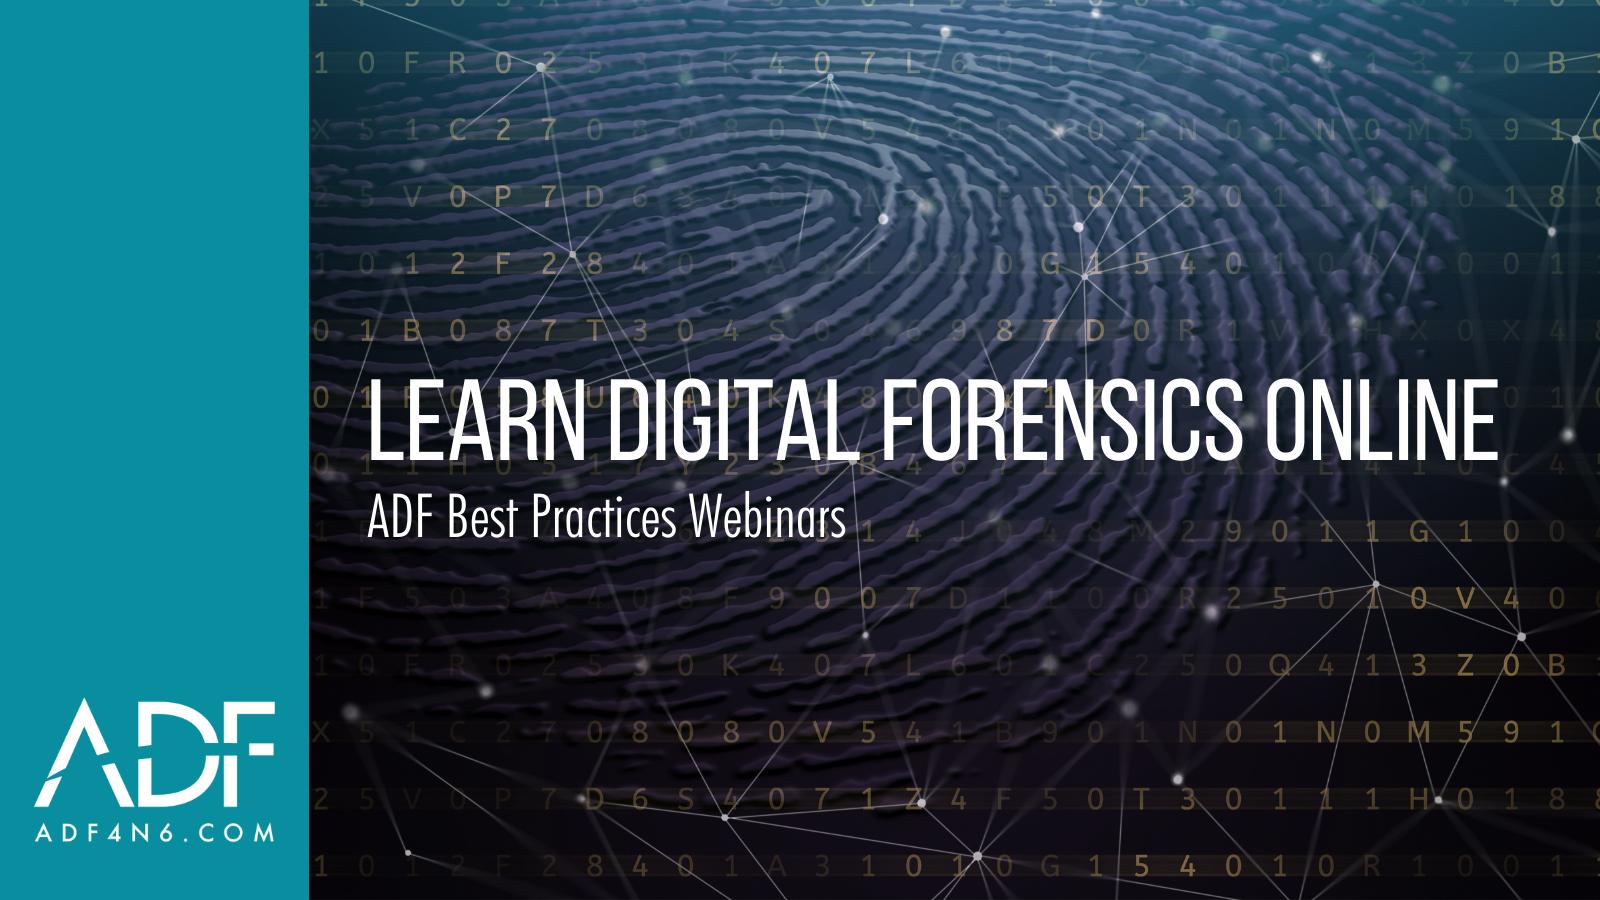 Learn Digital Forensics Online | ADF Best Practices Webinars of 2021